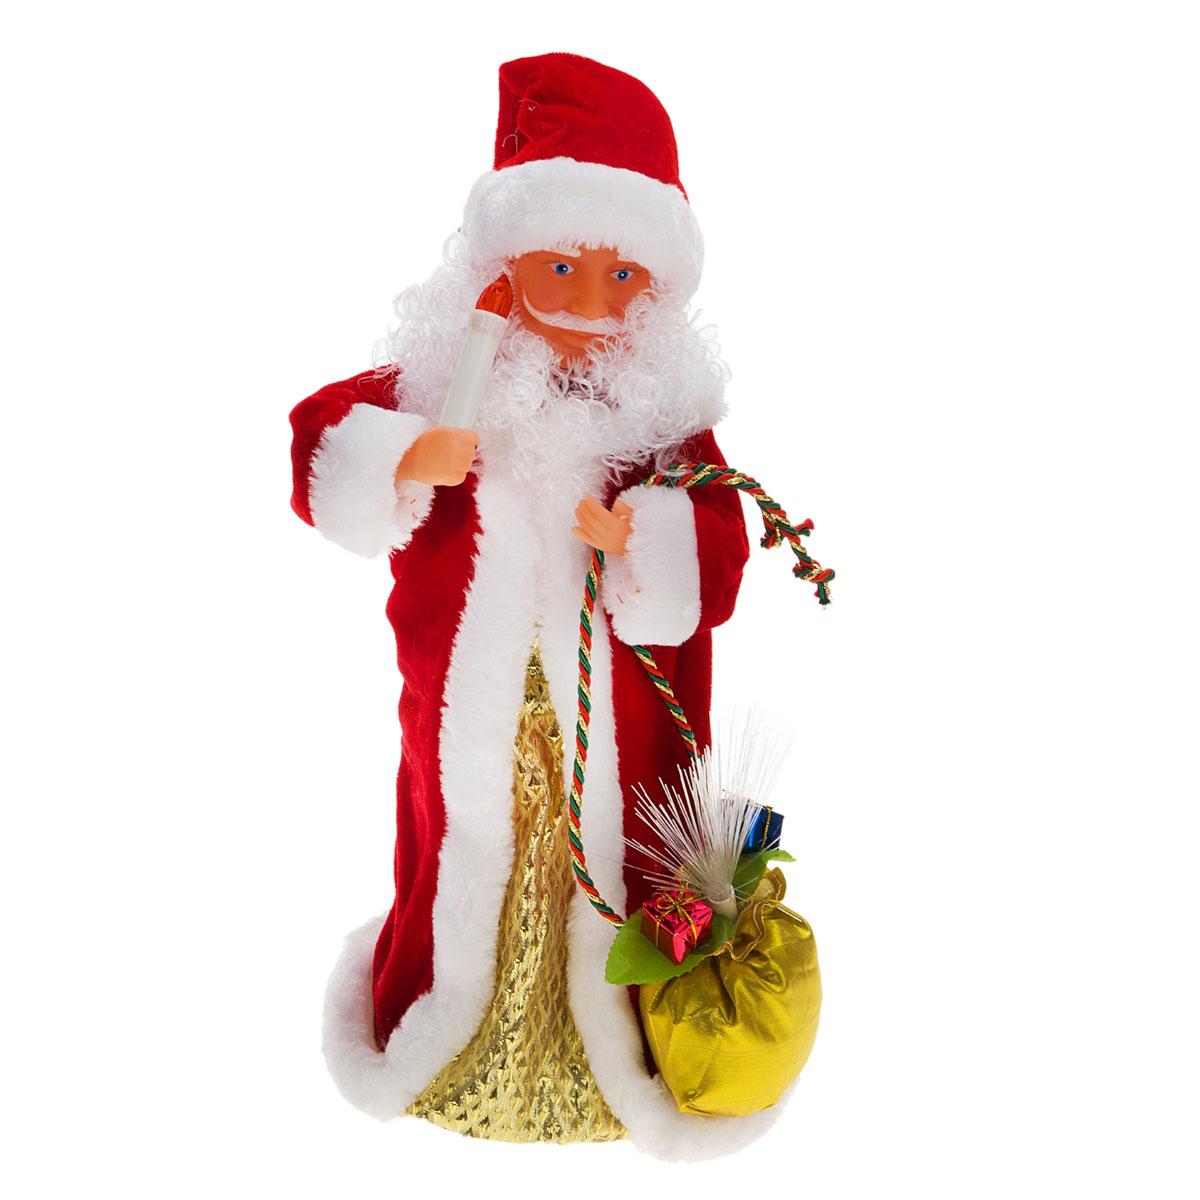 Новогодняя декоративная фигурка Sima-land Дед Мороз, анимированная, высота 38 см. 827811701537Новогодняя декоративная фигурка выполнена из высококачественного пластика в виде Деда Мороза. Дед Мороз одет в шубу с опушкой. На голове колпак в цвет шубы с бубенцом. В одной руке Дед Мороз держит свечку, а в другой мешок с подарками. В мешок встроен светильник на основе световодов из полимерного оптического волокна. Фигурка стоит на подставке. Особенностью фигурки является наличие механизма, при включении которого играет мелодия, свечка и мешок светятся, а голова и руки куклы начинают двигаться. Его добрый вид и очаровательная улыбка притягивают к себе восторженные взгляды. Декоративная фигурка Дед Мороз подойдет для оформления новогоднего интерьера и принесет с собой атмосферу радости и веселья. УВАЖАЕМЫЕ КЛИЕНТЫ!Обращаем ваше внимание на тот факт, что декоративная фигурка работает от трех батареек типа АА/R6/AM3 напряжением 1,5V. Батарейки в комплект не входят.